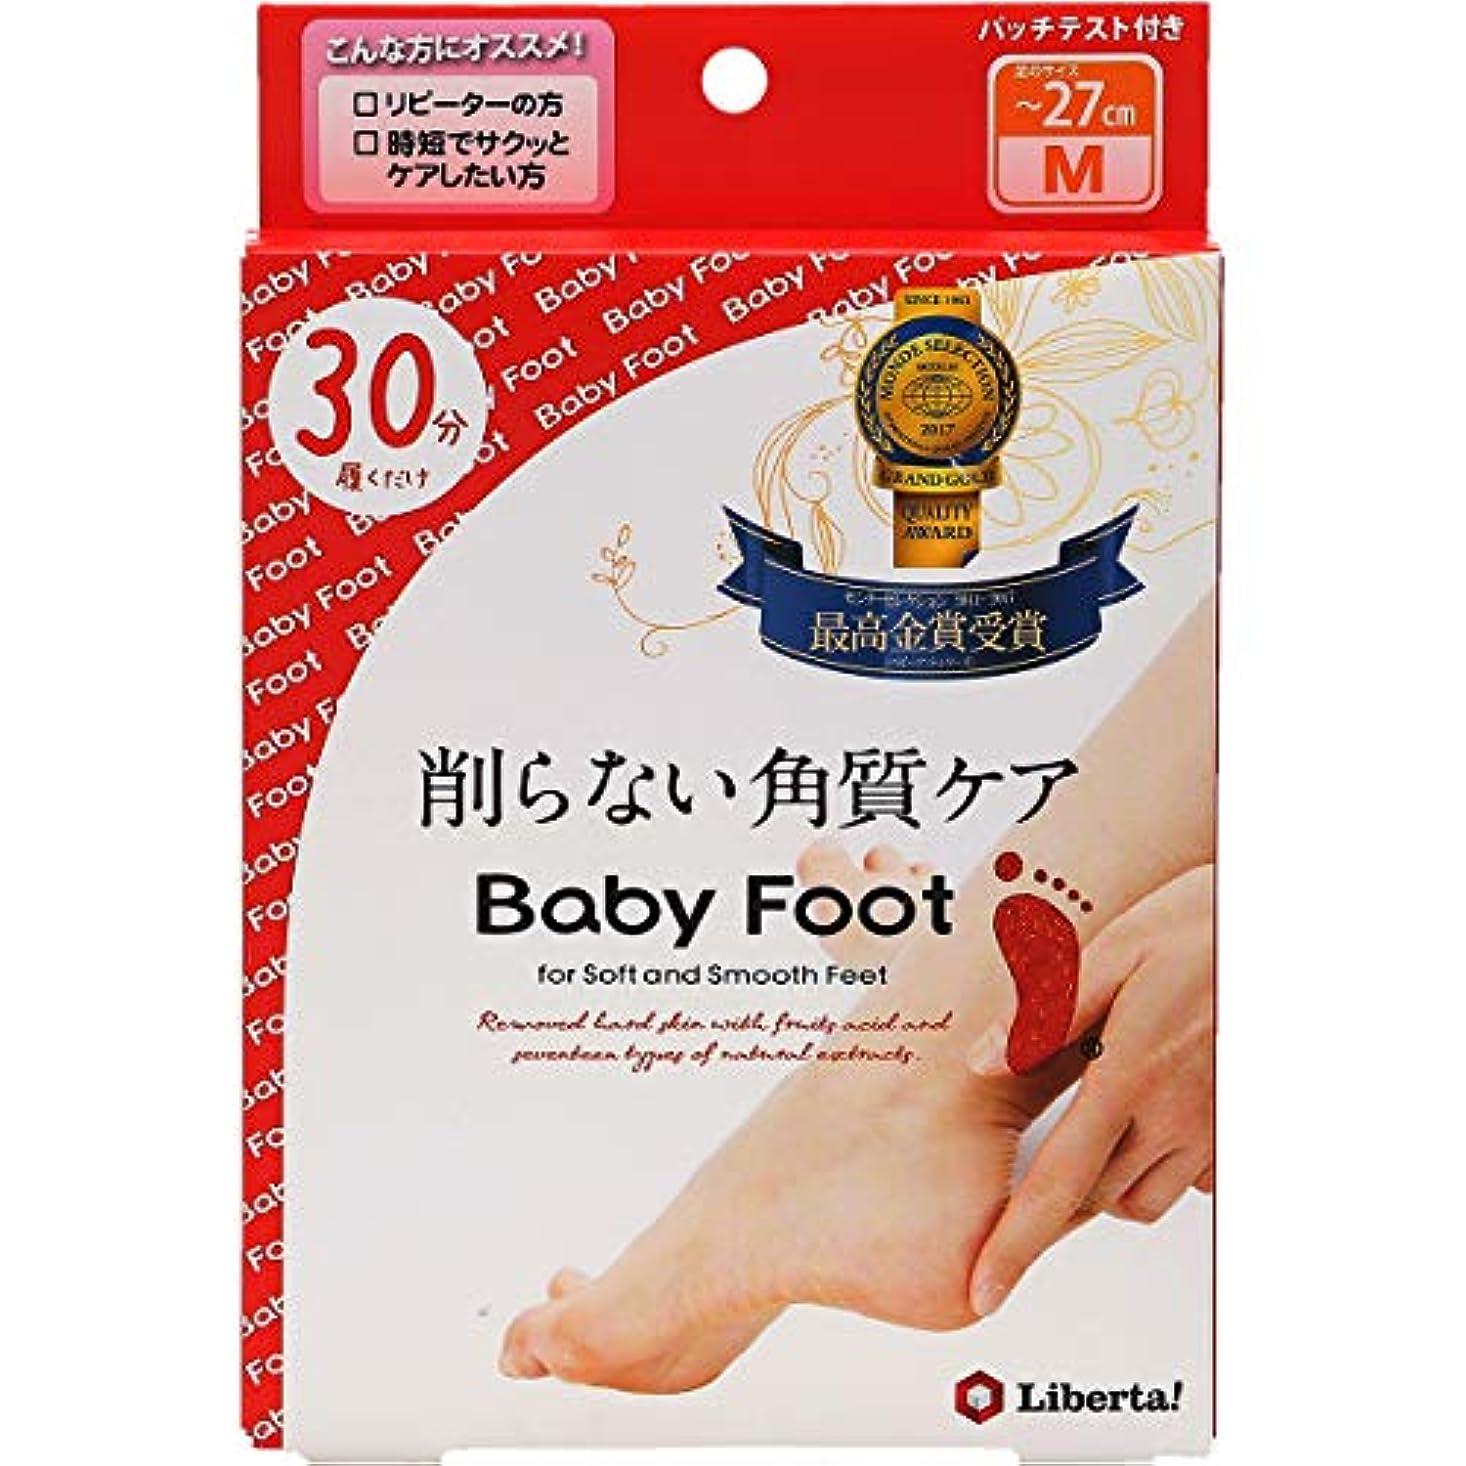 おとうさん振幅偽善ベビーフット (Baby Foot) ベビーフット イージーパック30分タイプ Mサイズ 単品